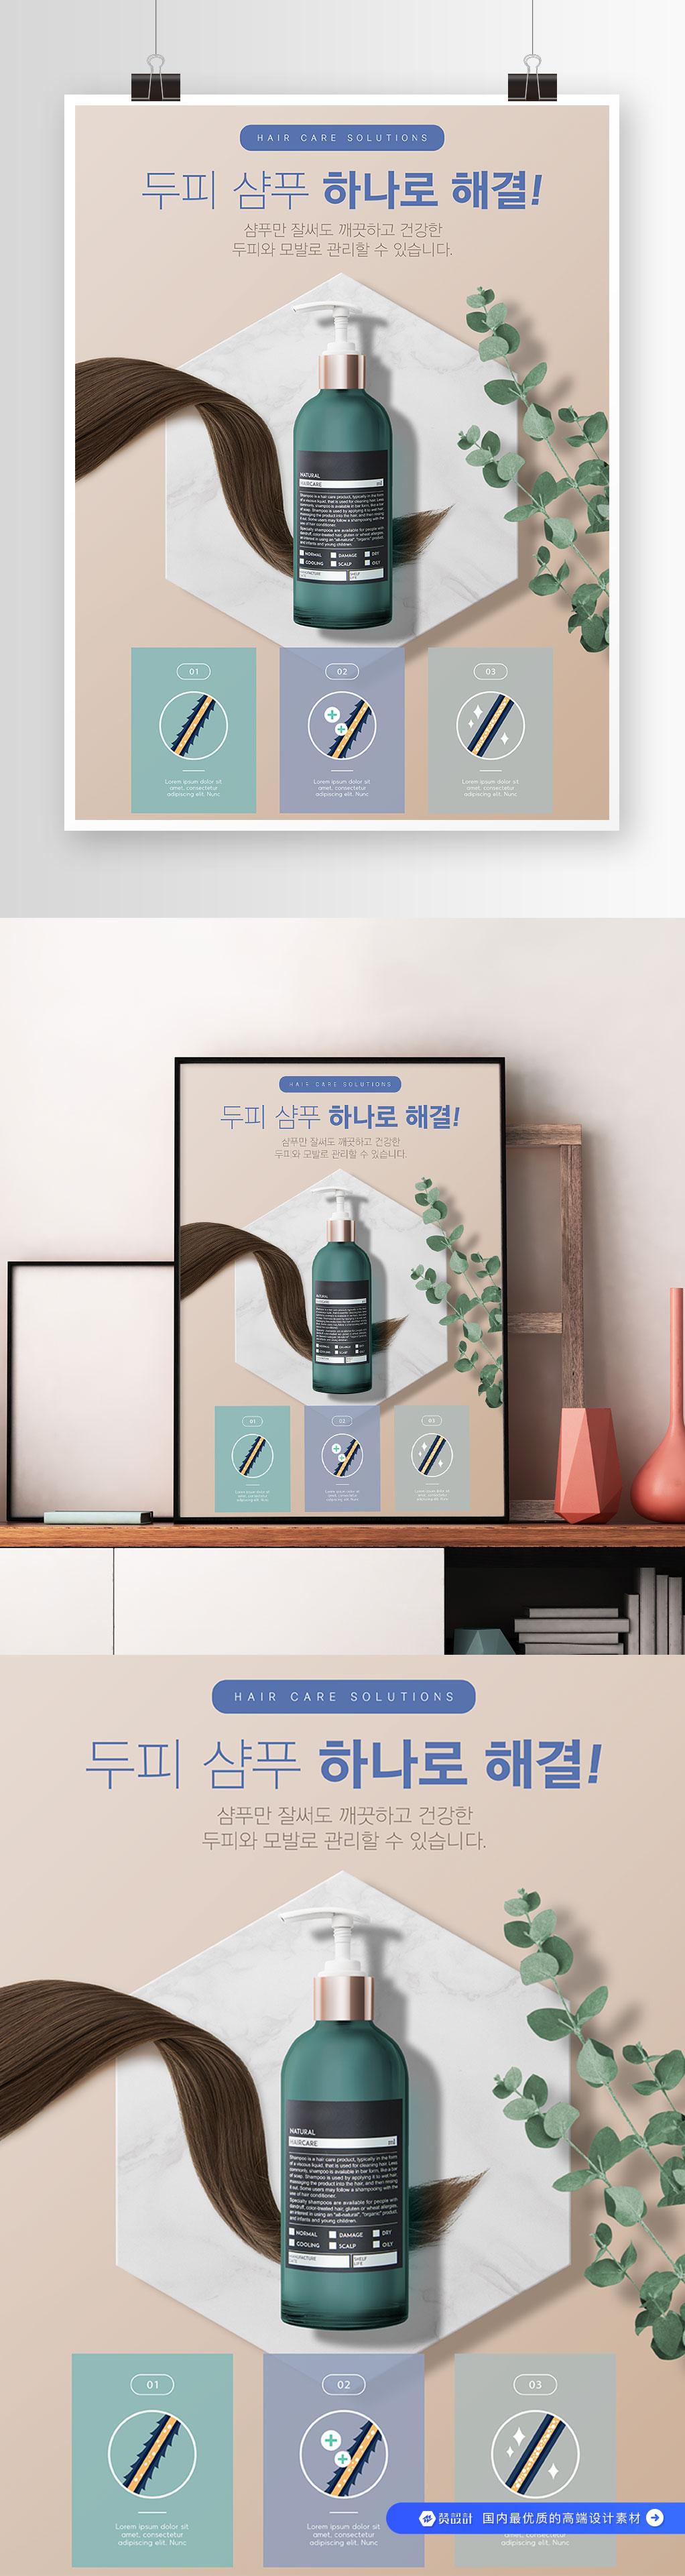 植物精油洗发水广告模板